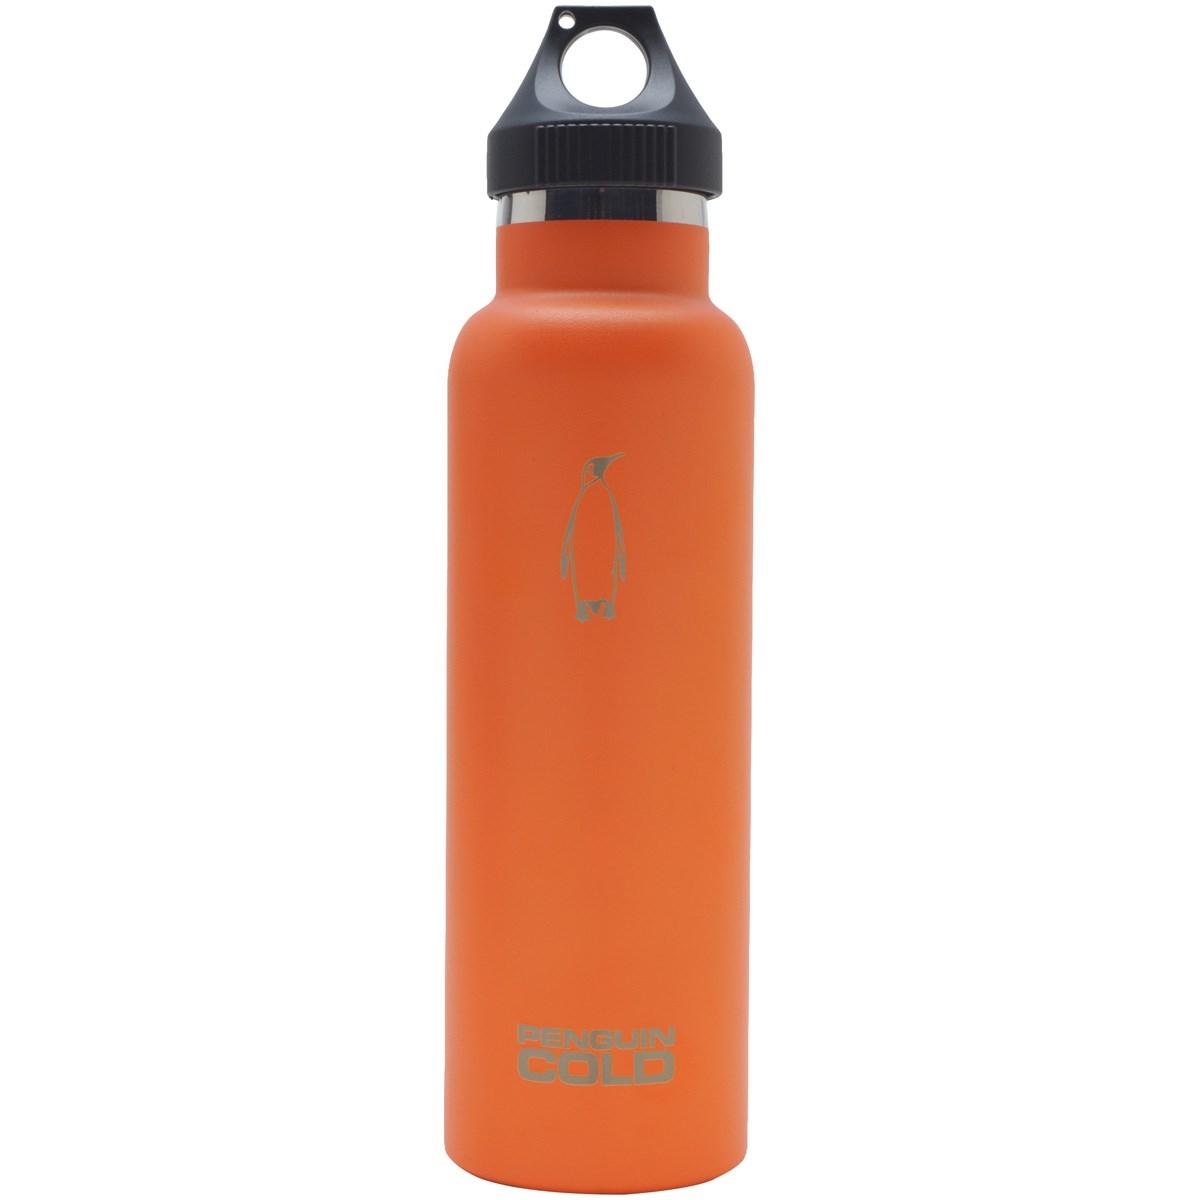 ペンギンコールド Standard Penguin 21oz. Handle lid ボトル